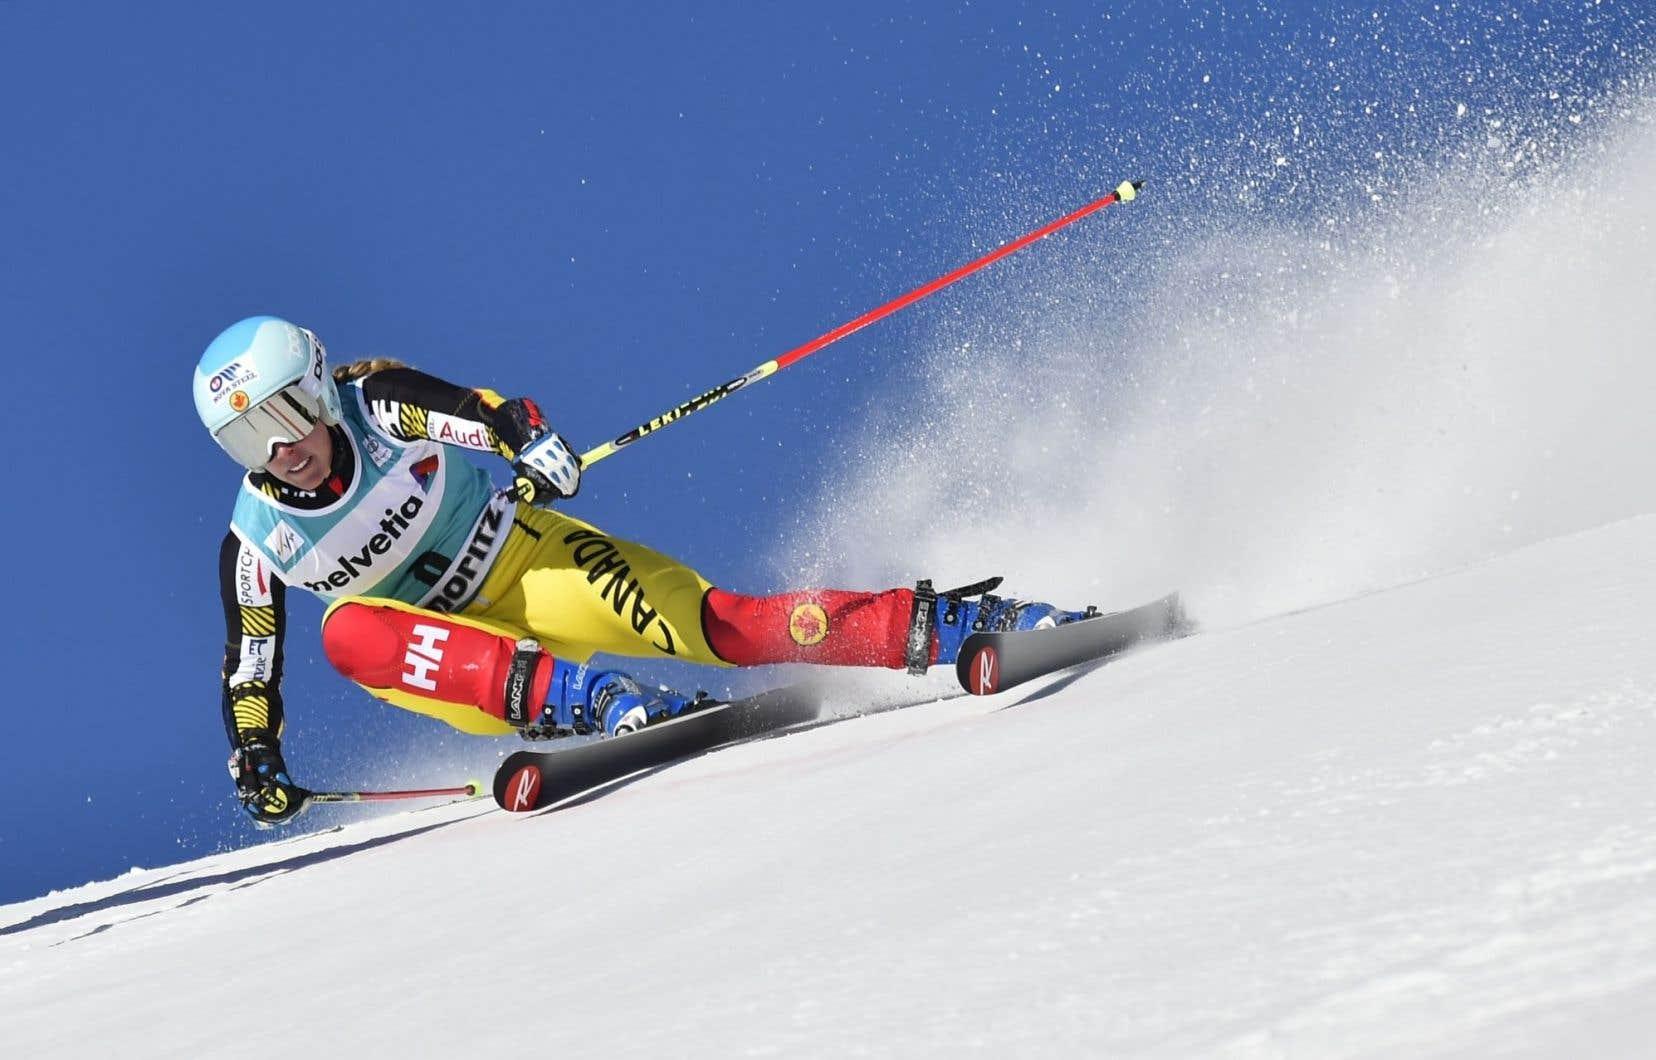 L'athlète québécoise de ski alpin Marie-Michèle Gagnon